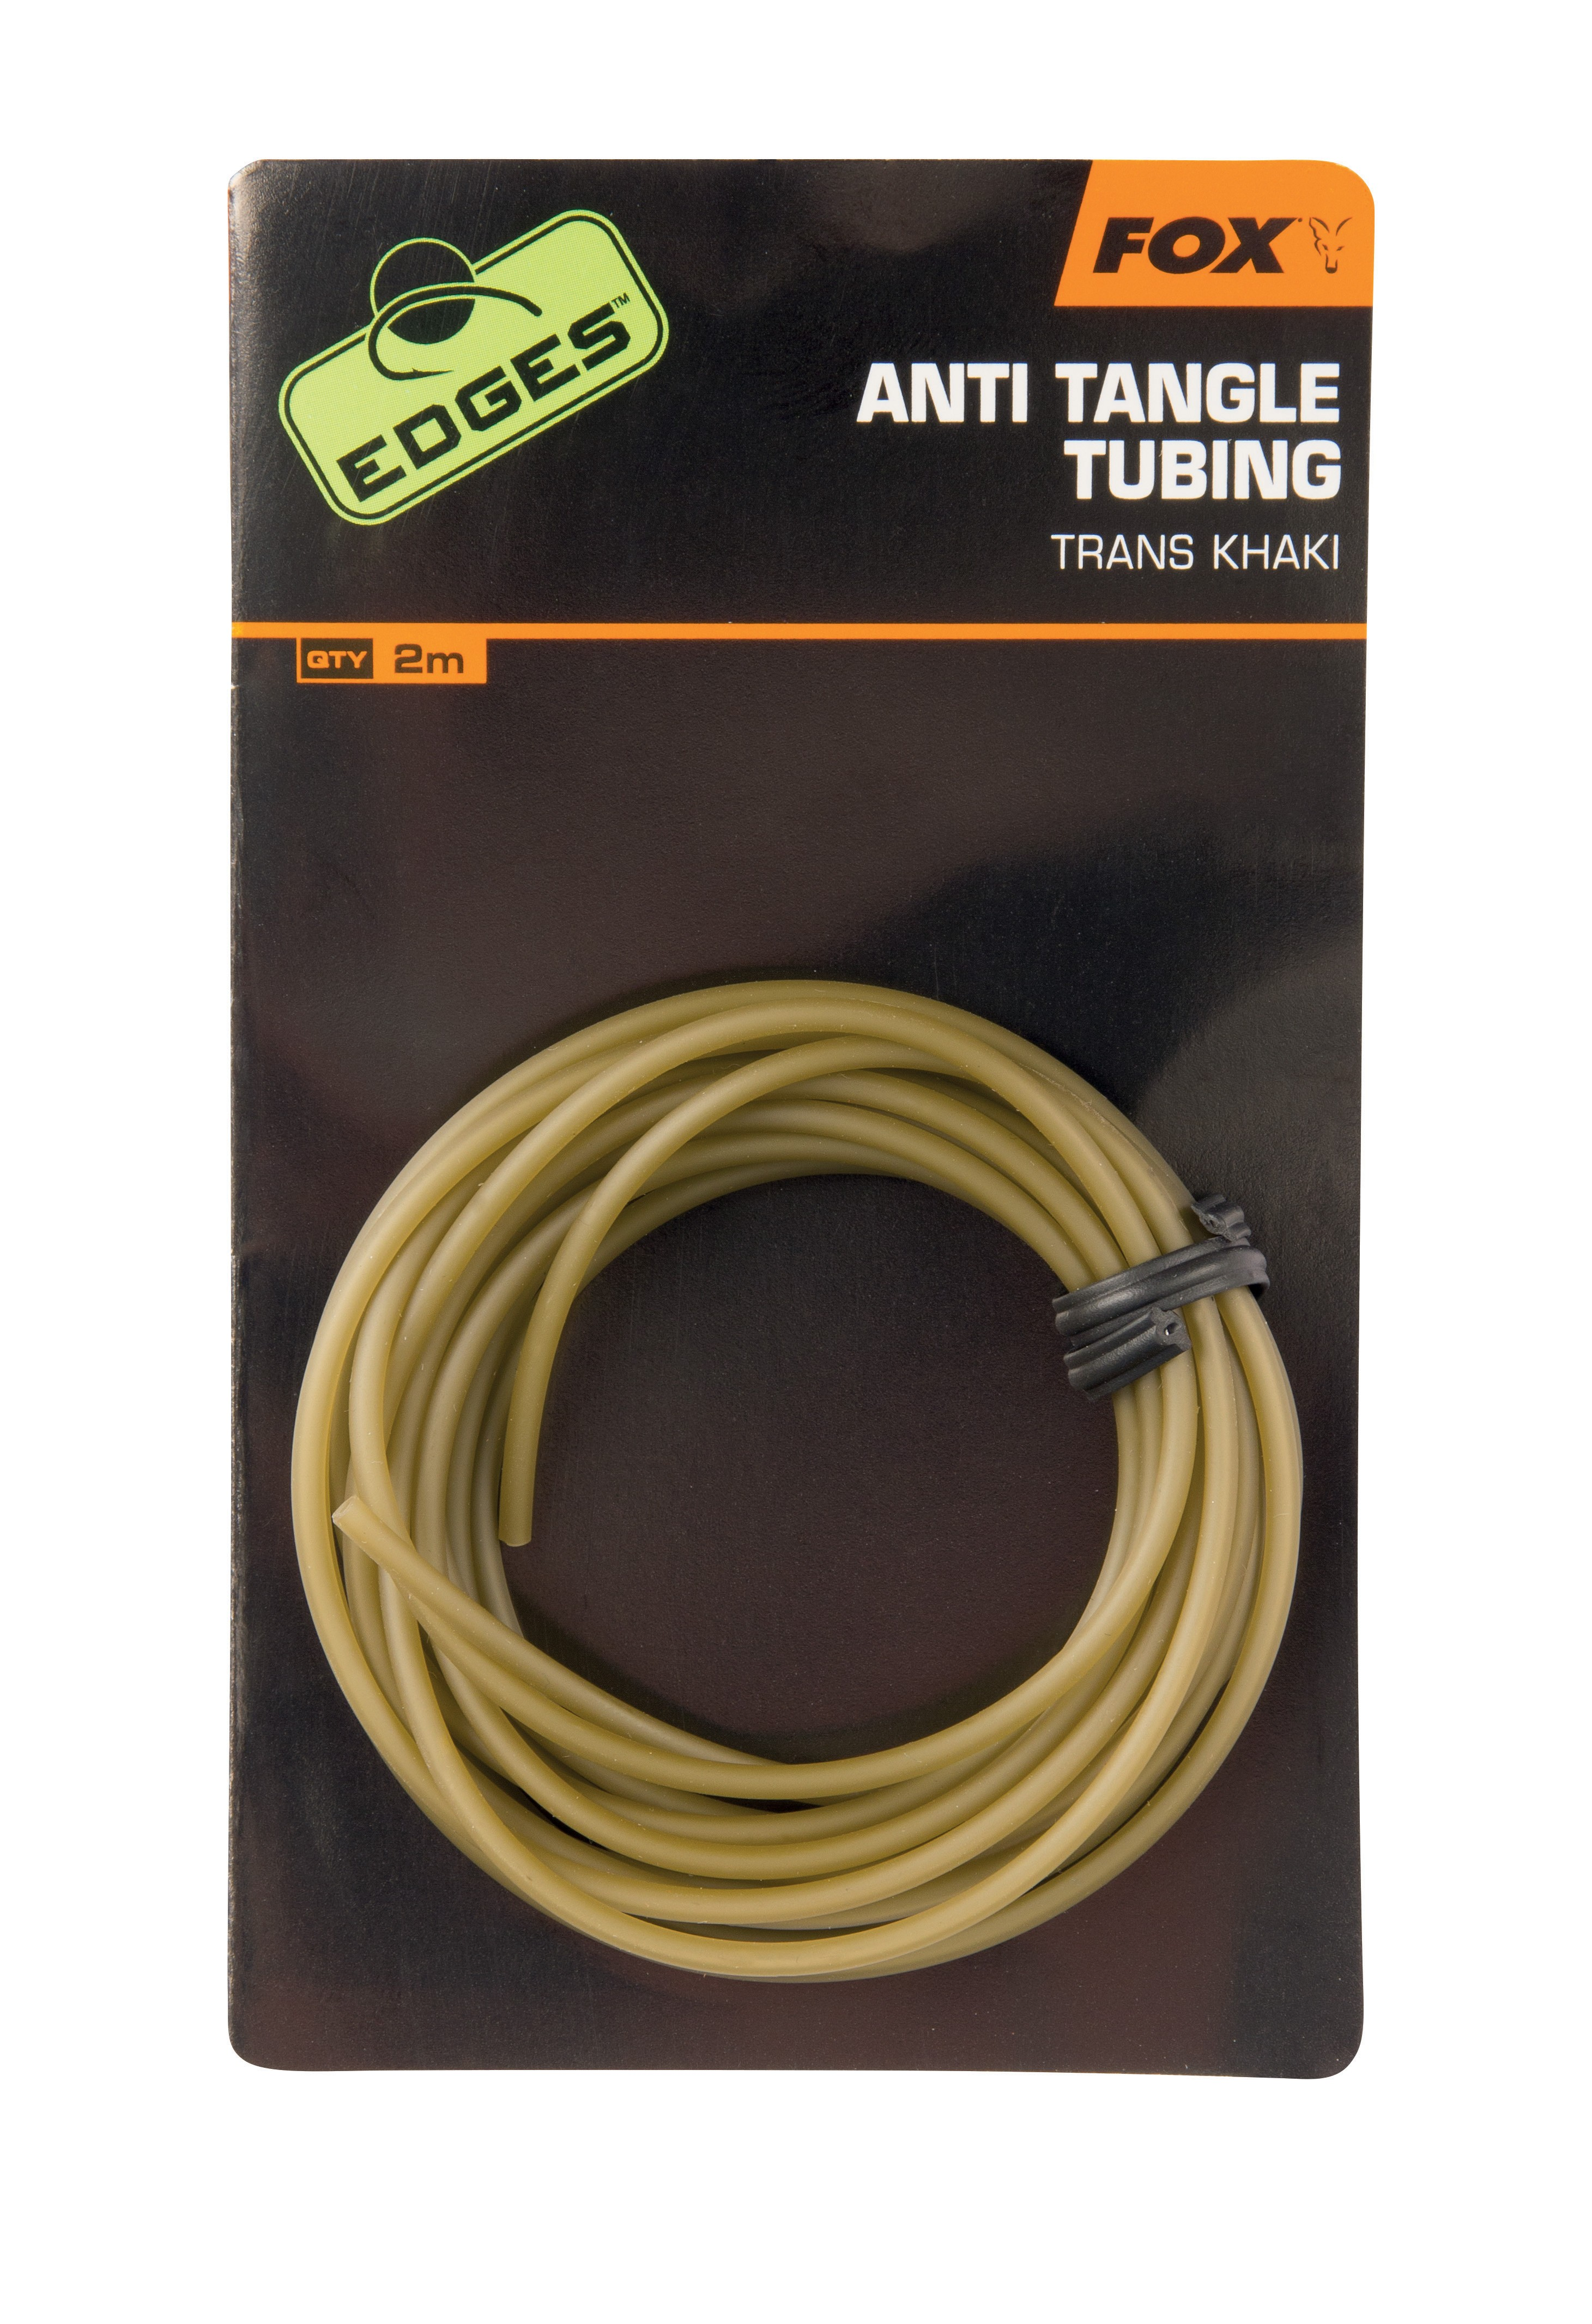 Fox Anti Tangle Tubing 2m